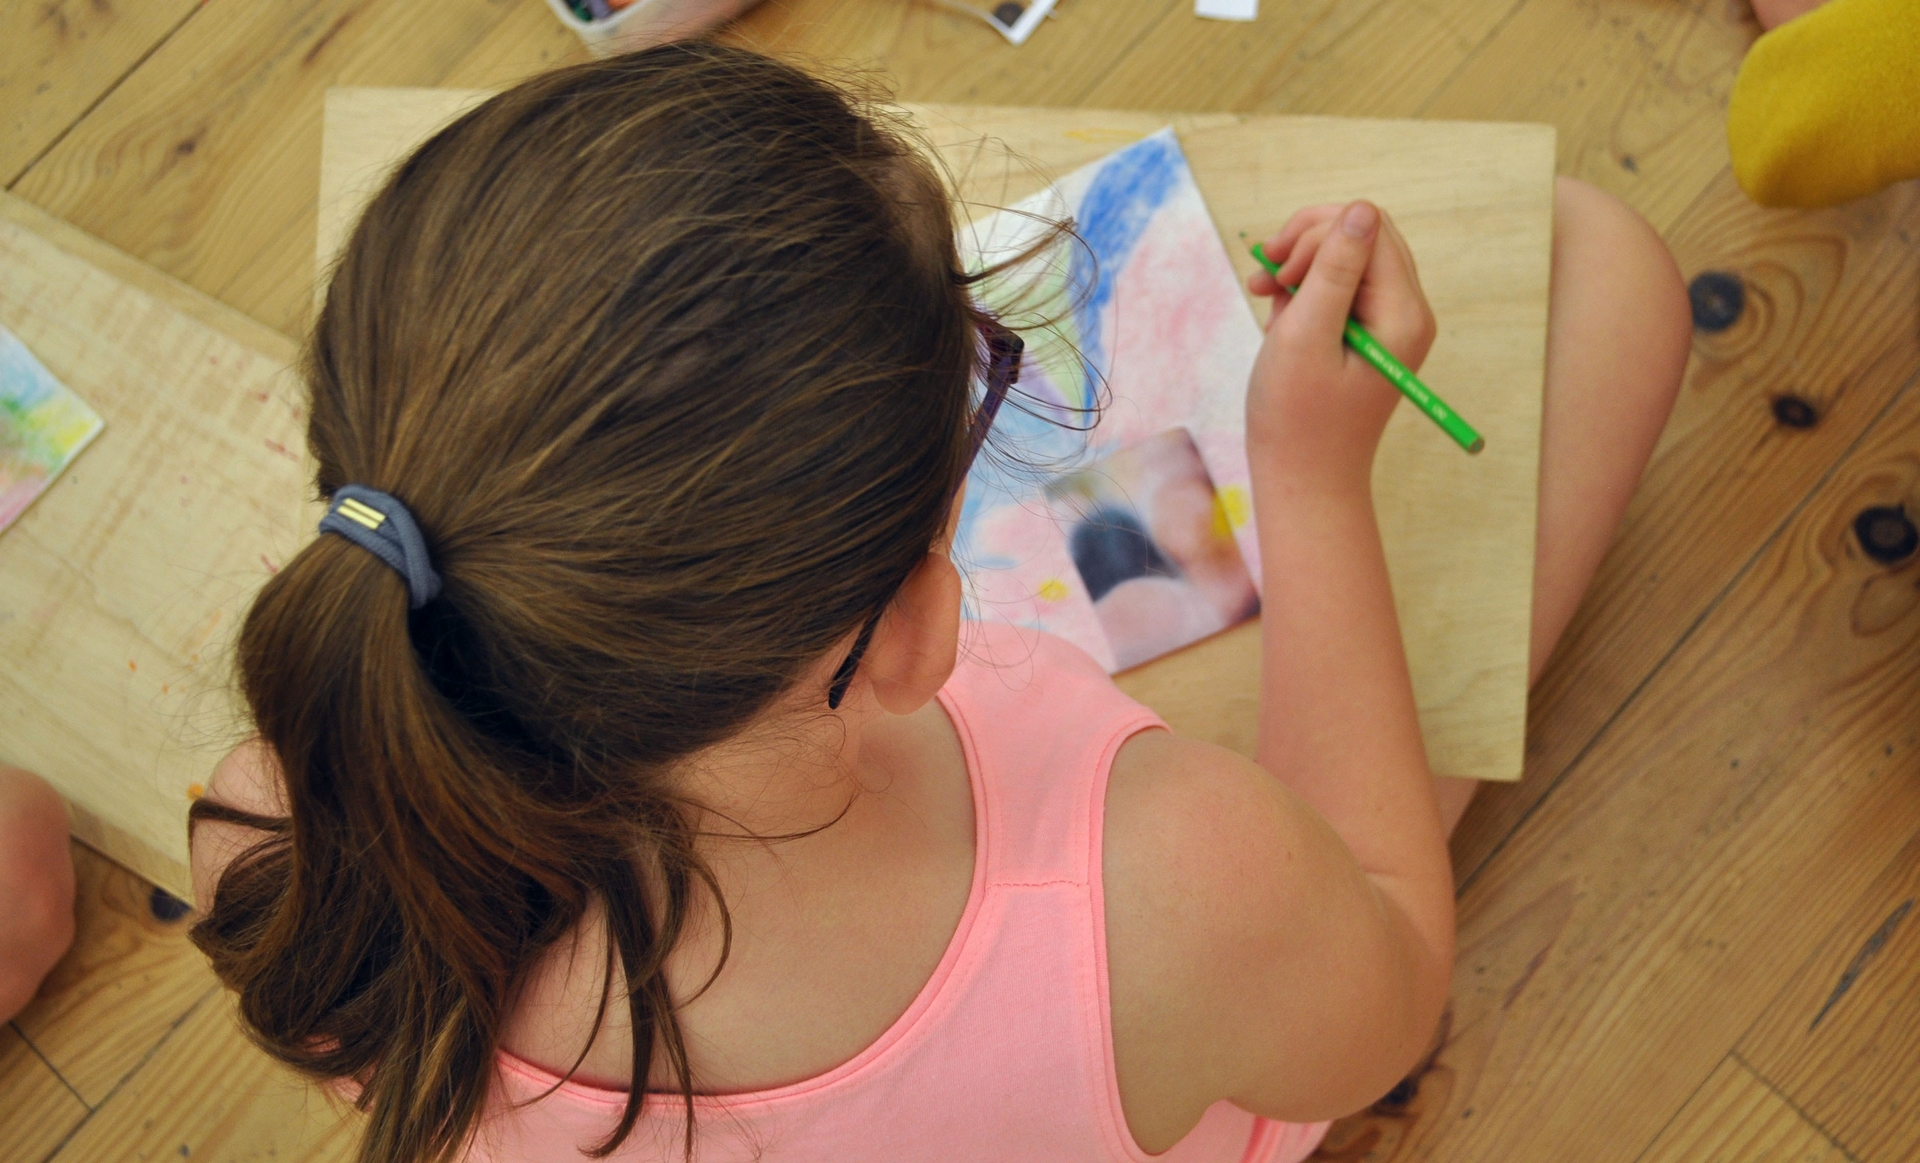 Atelier de pratique artistique autour du travail de Léa Belooussovitch - ORTHEZ